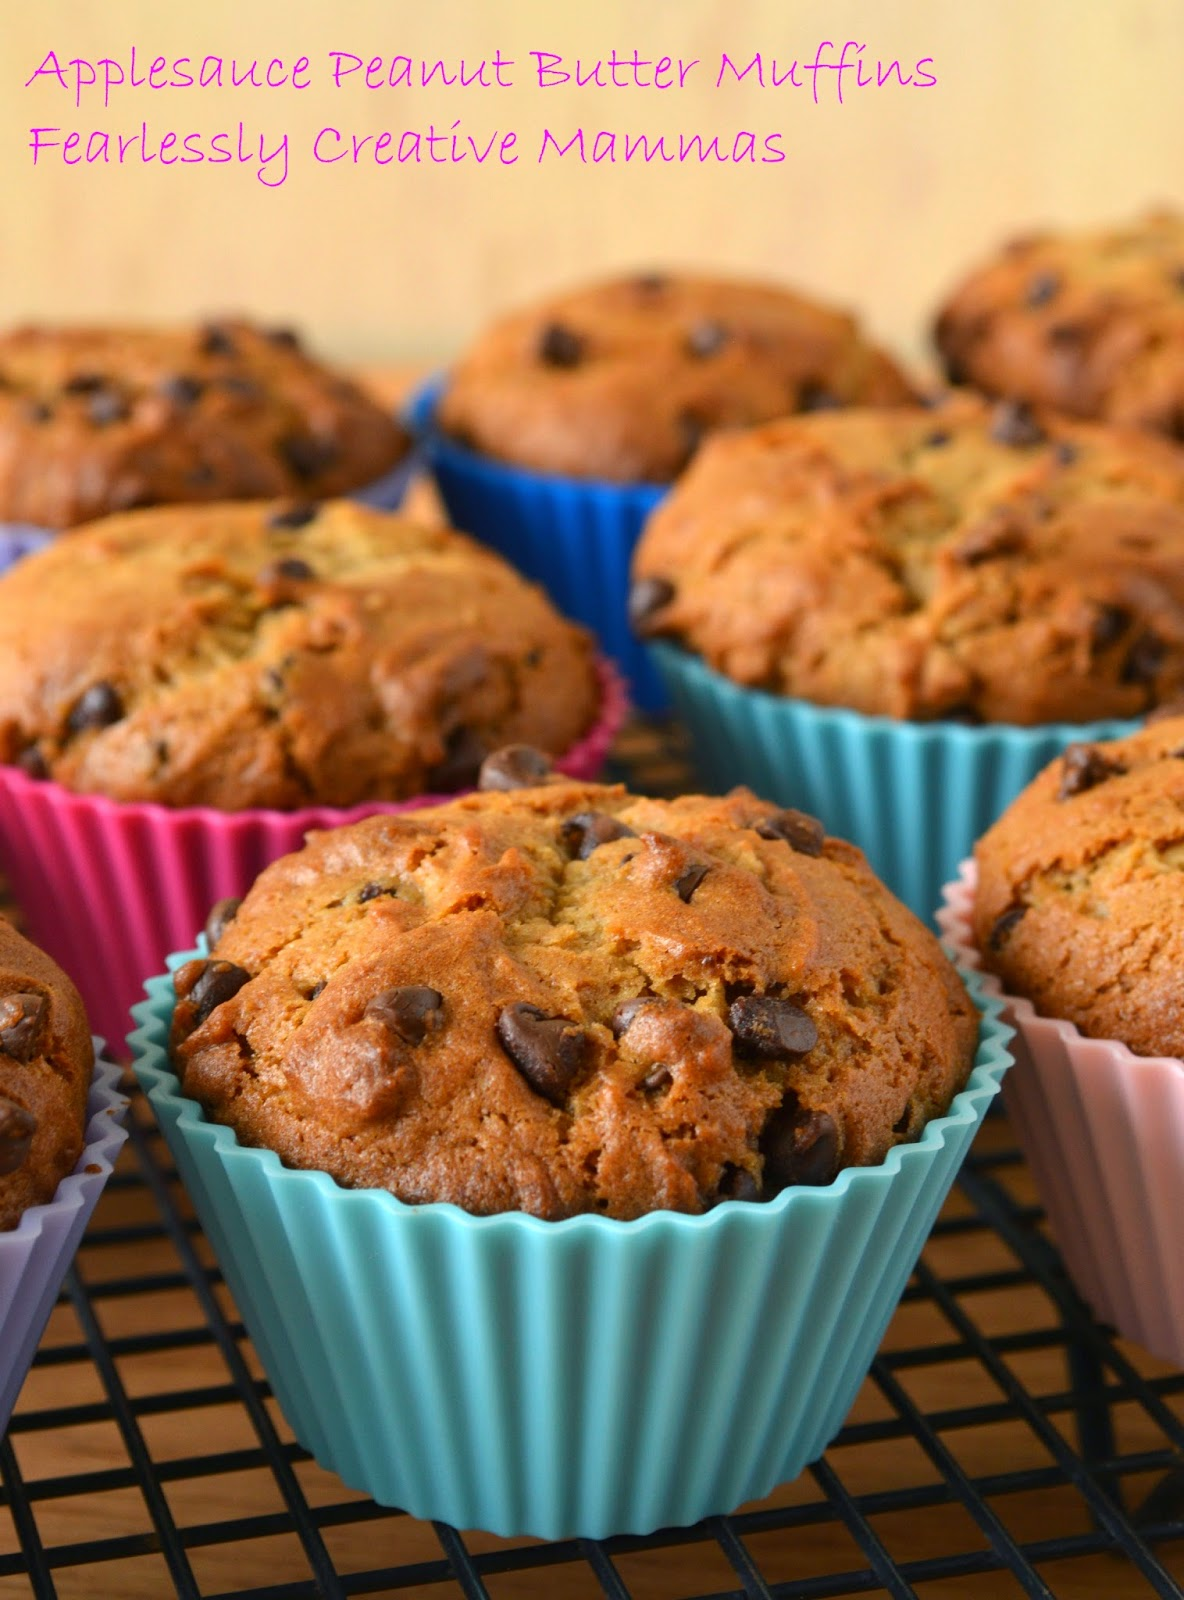 Applesauce Peanut Butter Muffins #foodieextravaganza